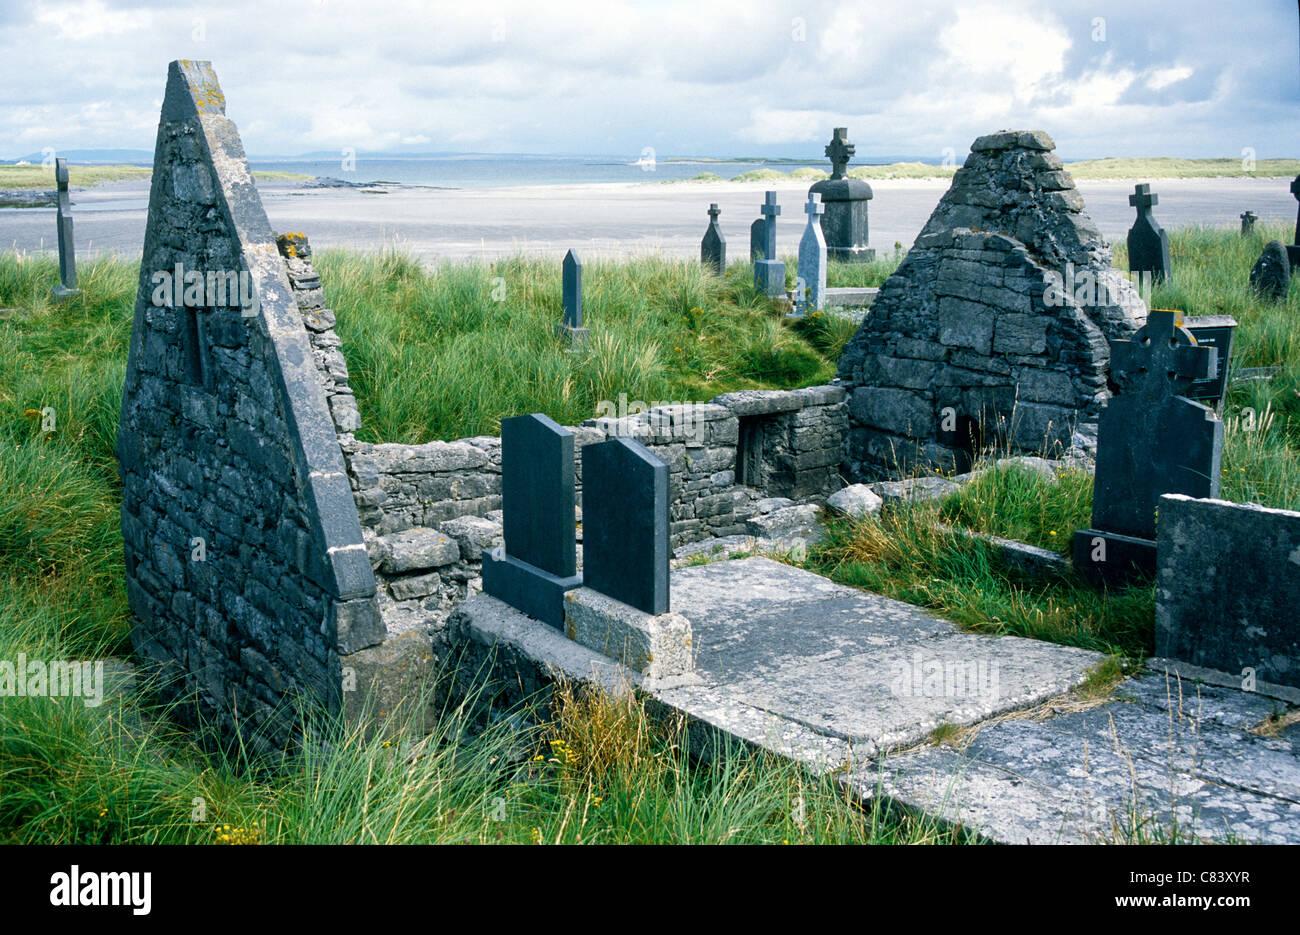 Die alten ruiniert Kirche St. Enda bei Killearey auf Inis Mor, Aran-Inseln, Galway Irland. Stockbild